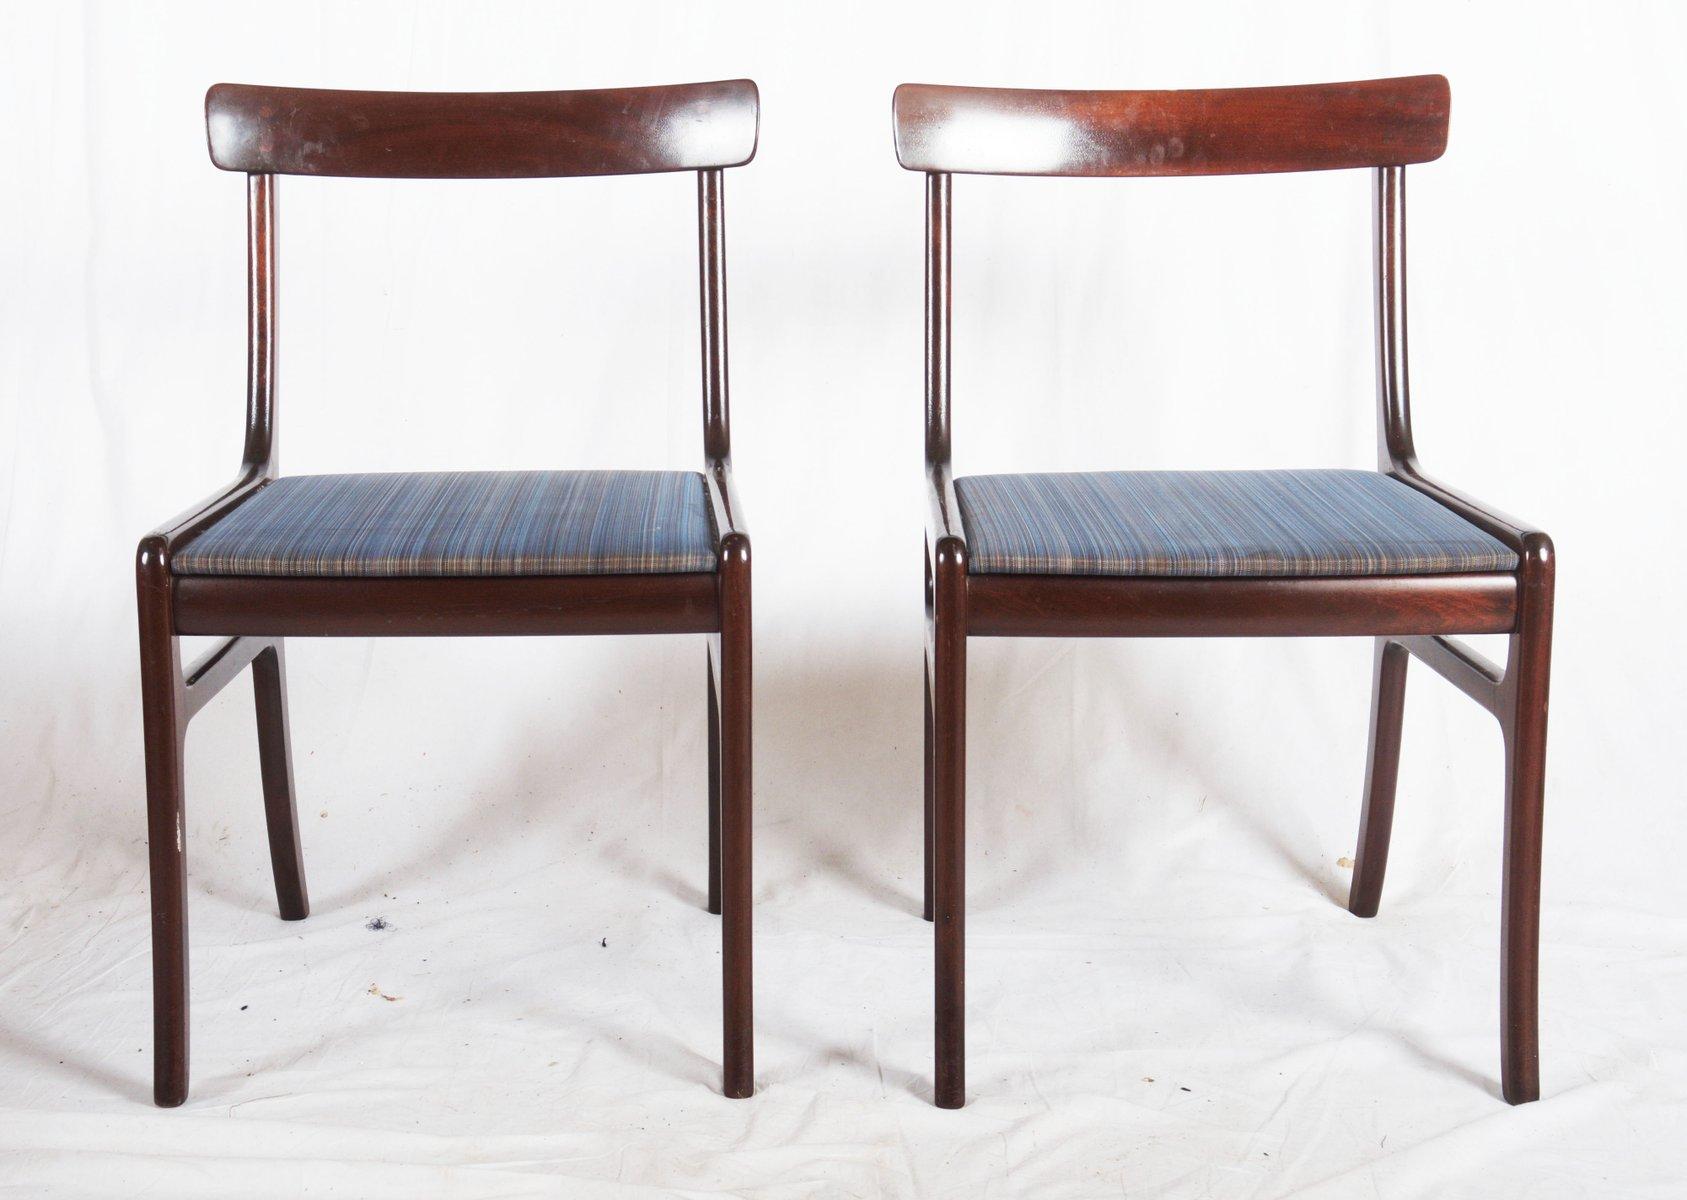 rungstedlund esstisch mit acht st hlen von ole wanscher f r poul jeppesen bei pamono kaufen. Black Bedroom Furniture Sets. Home Design Ideas